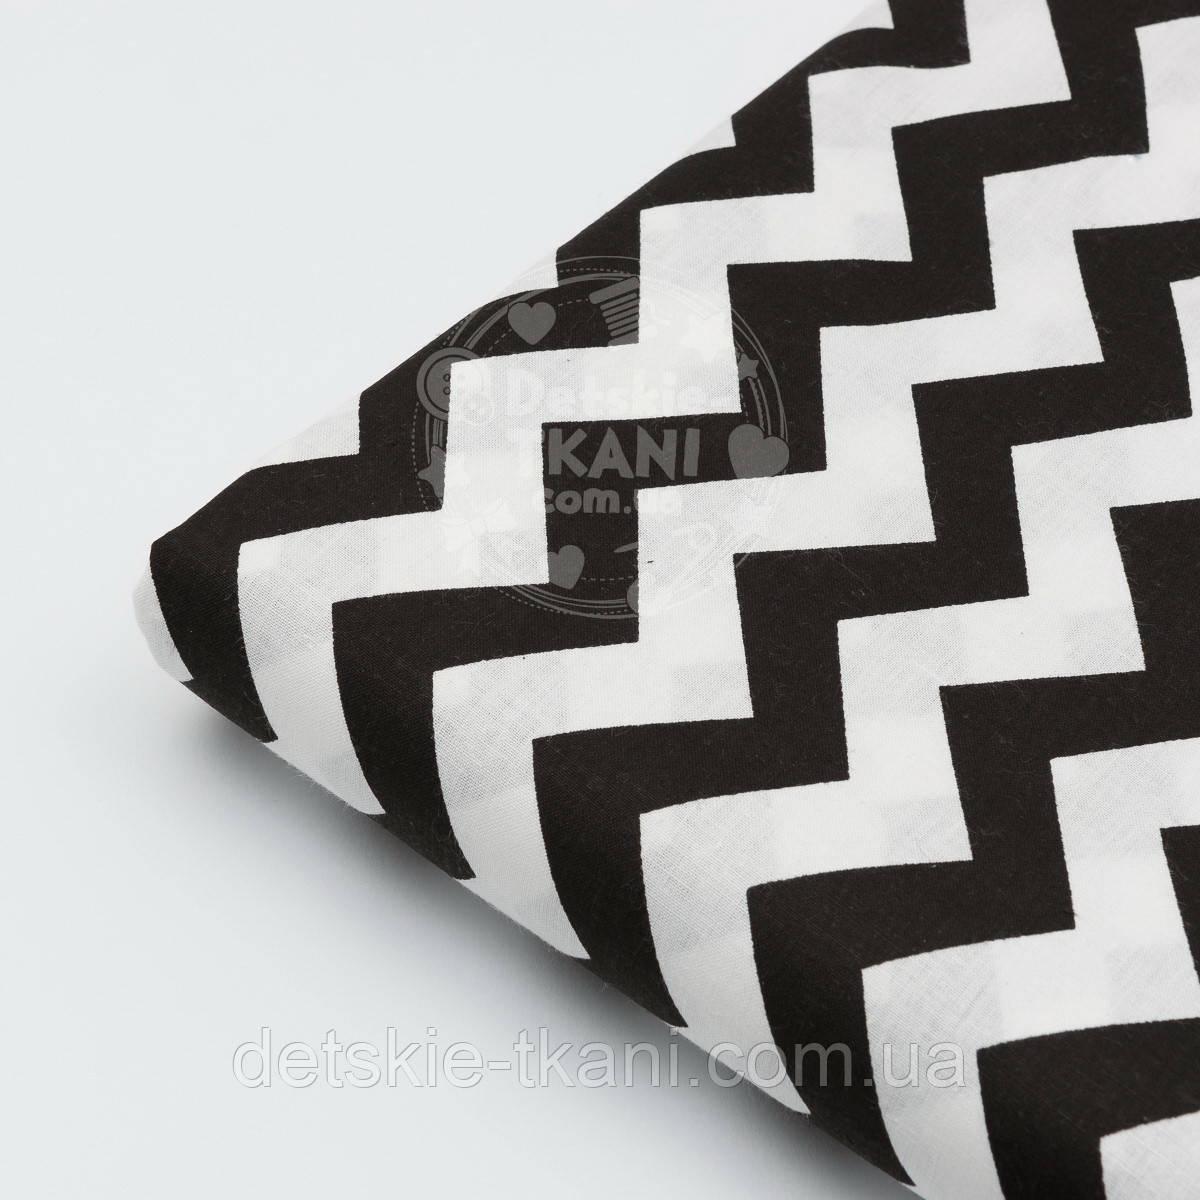 Отрез ткани №155  с зигзагом чёрного цвета